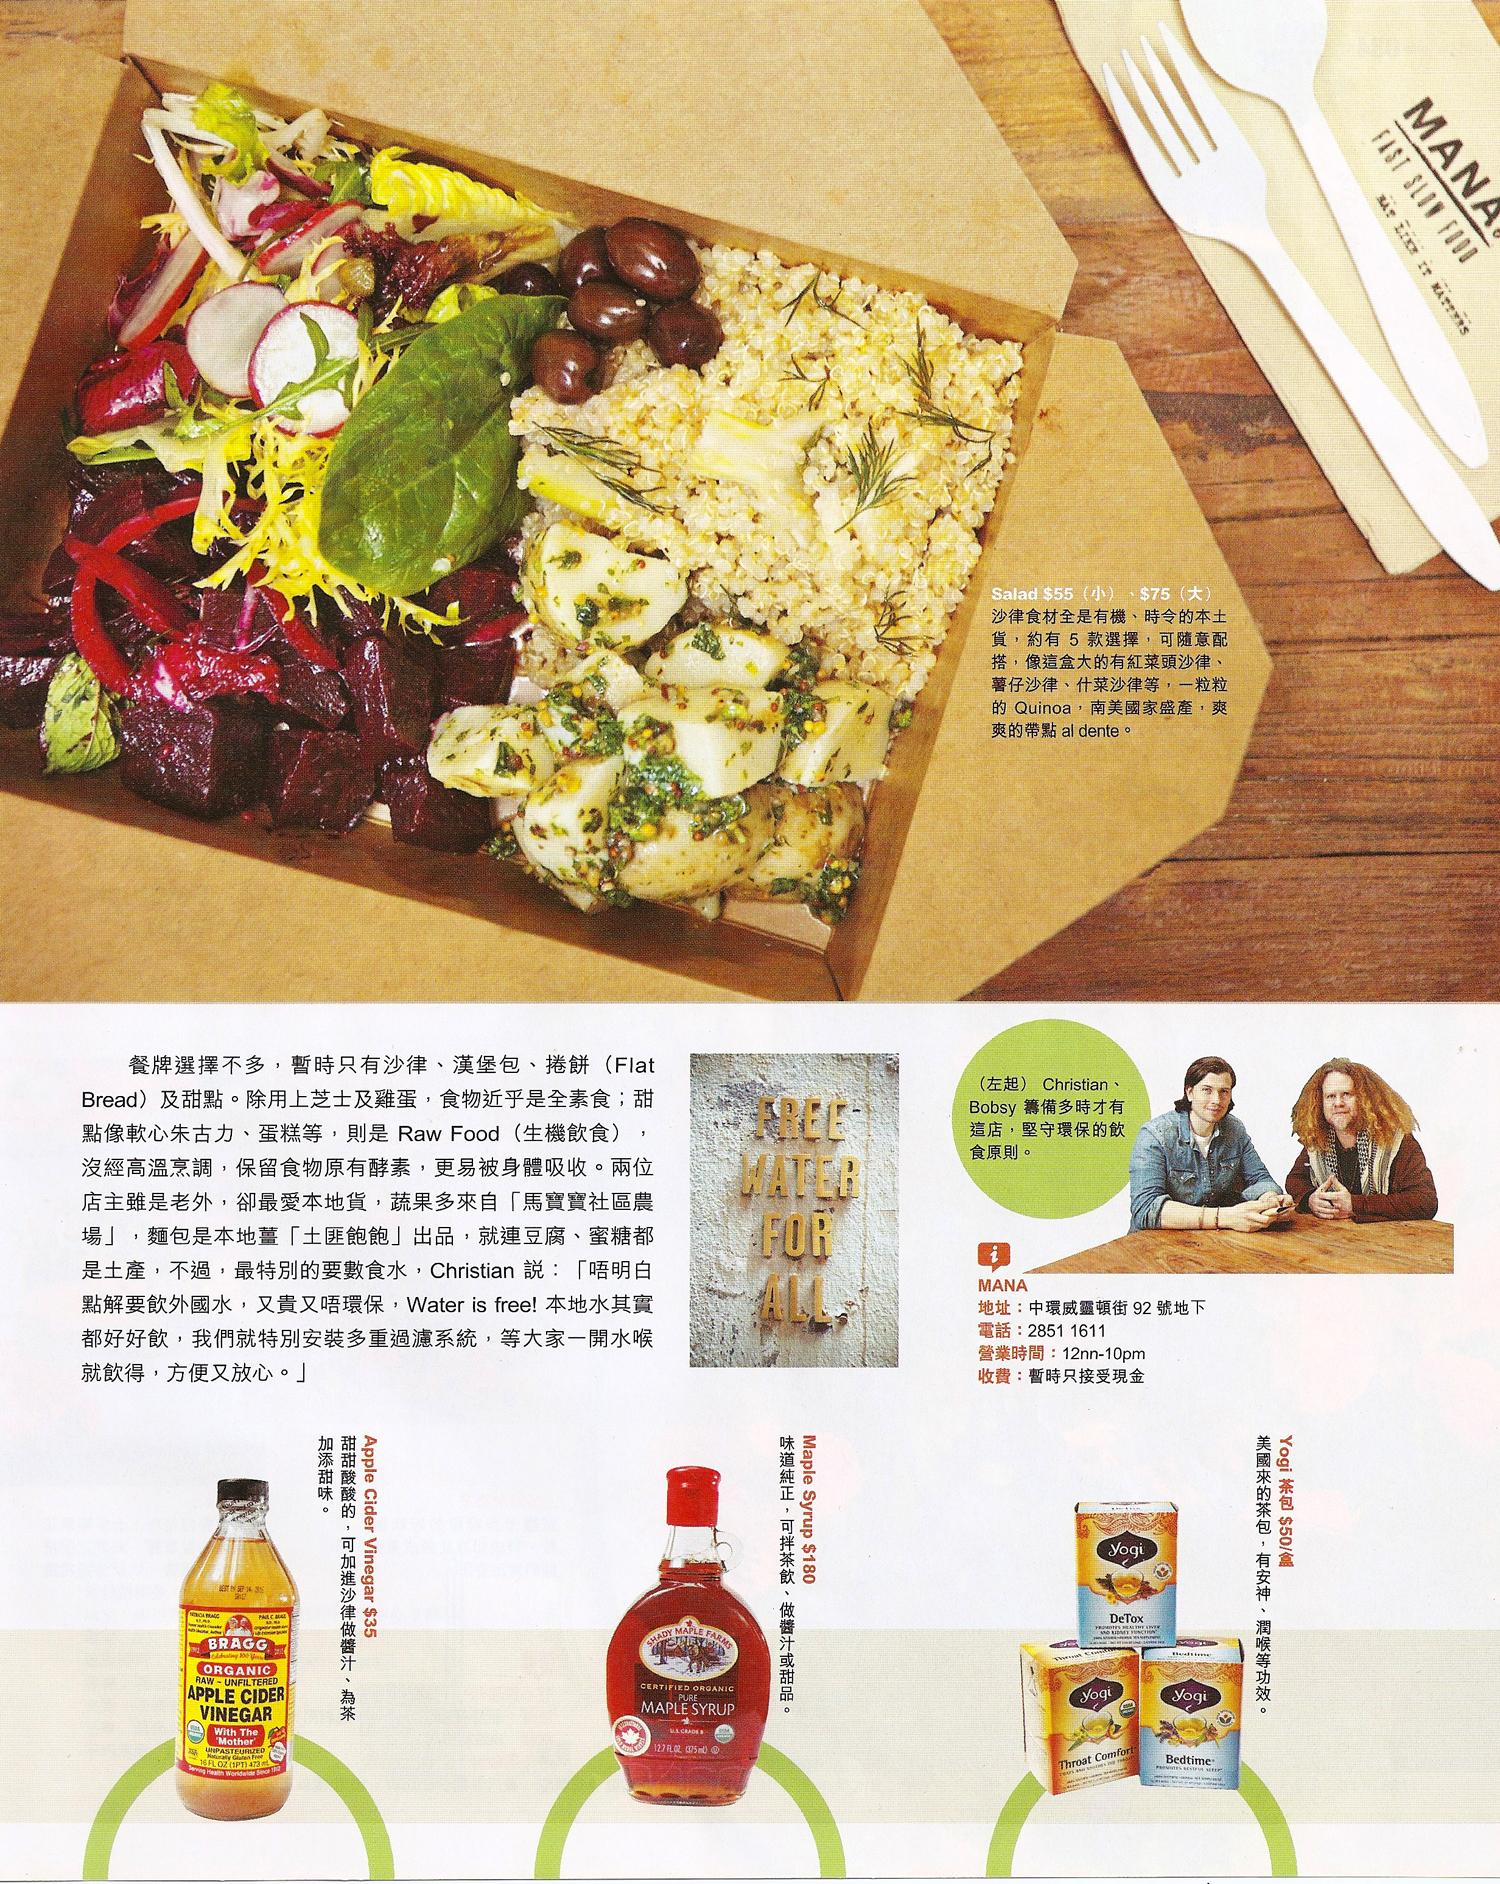 2012-07 Chinese Media Hot Topic 04.jpg